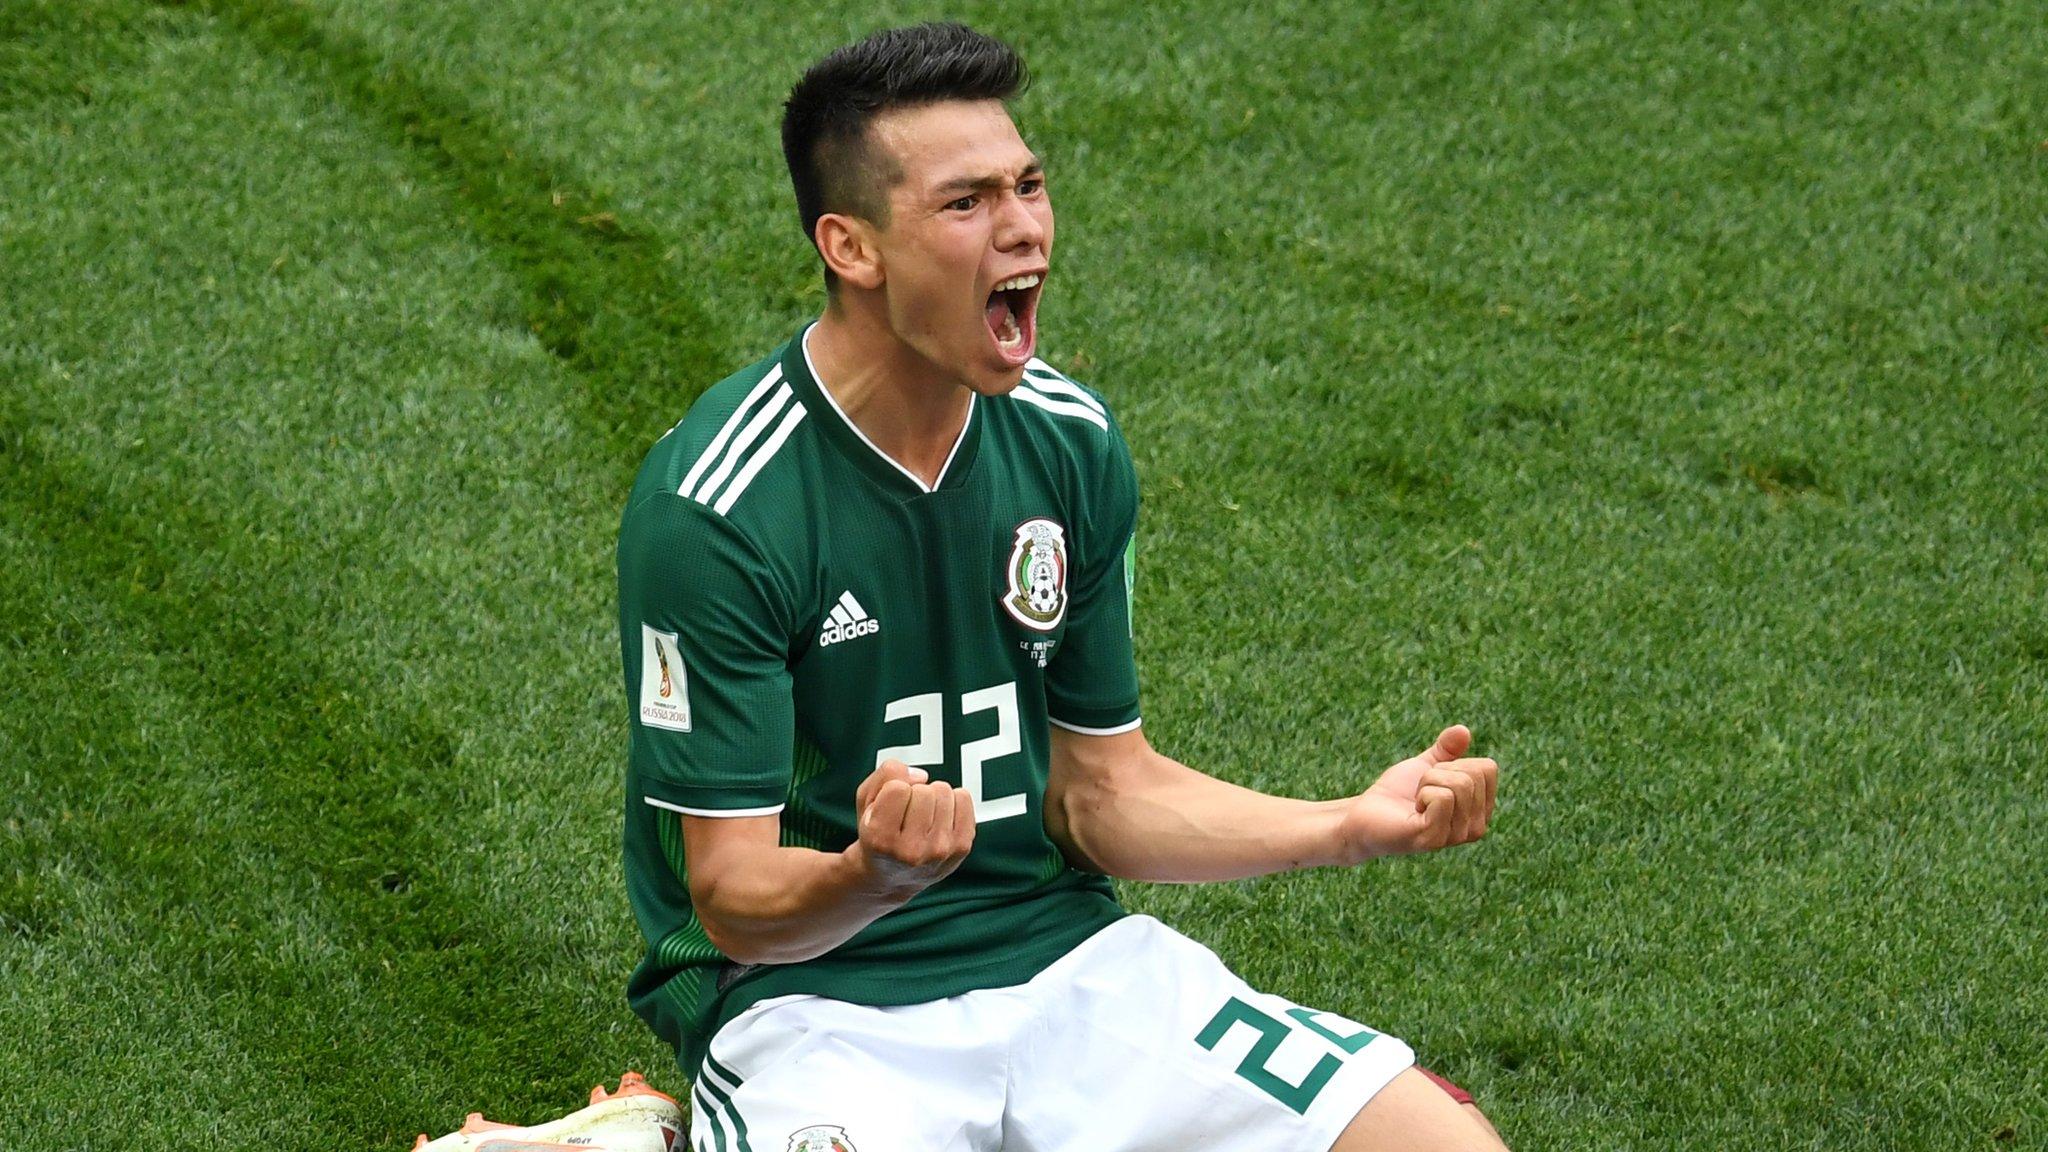 """Trùng hợp khó tin giữa """"Ma búp bê"""" và tiền vệ xé lưới tuyển Đức - 1"""